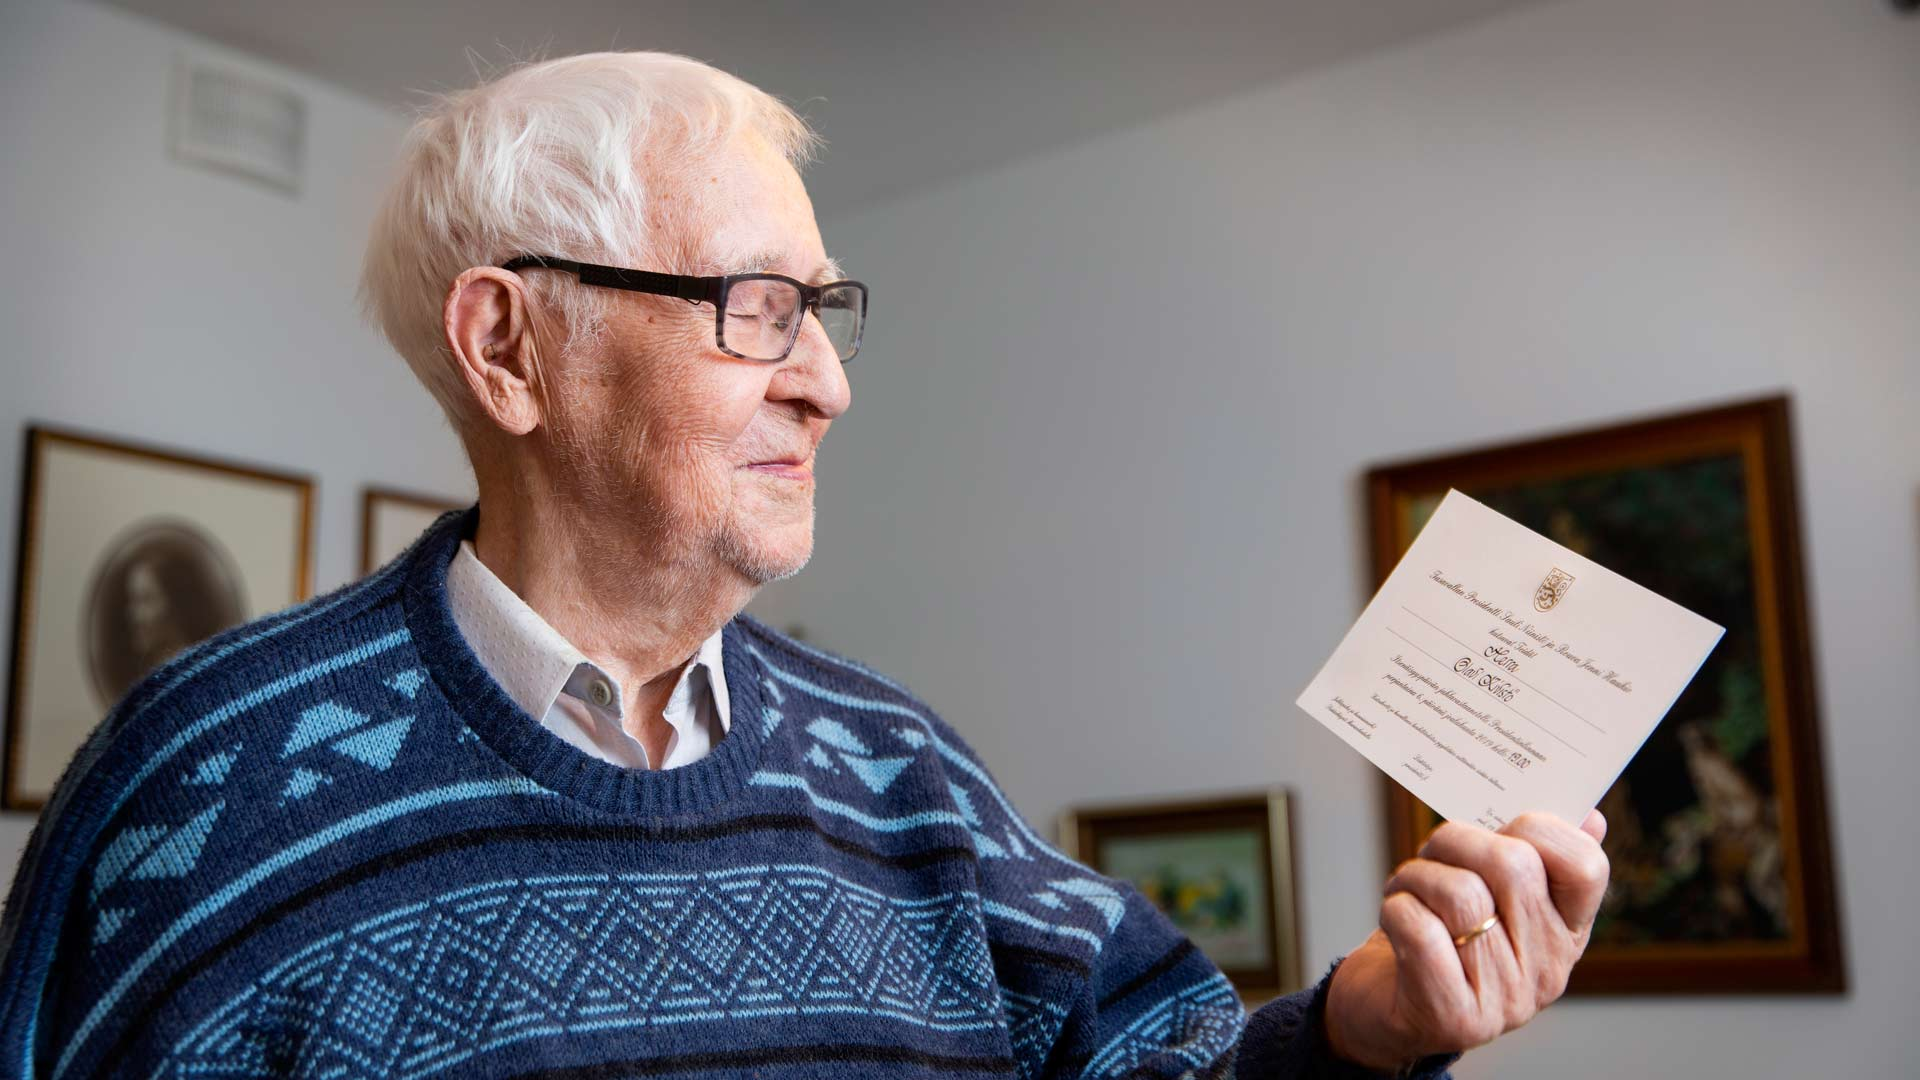 Olavi oli mukana jatkosodassa ja Lapin sodassa. Sodan jälkeen hän työskenteli muun muassa konemestarina.